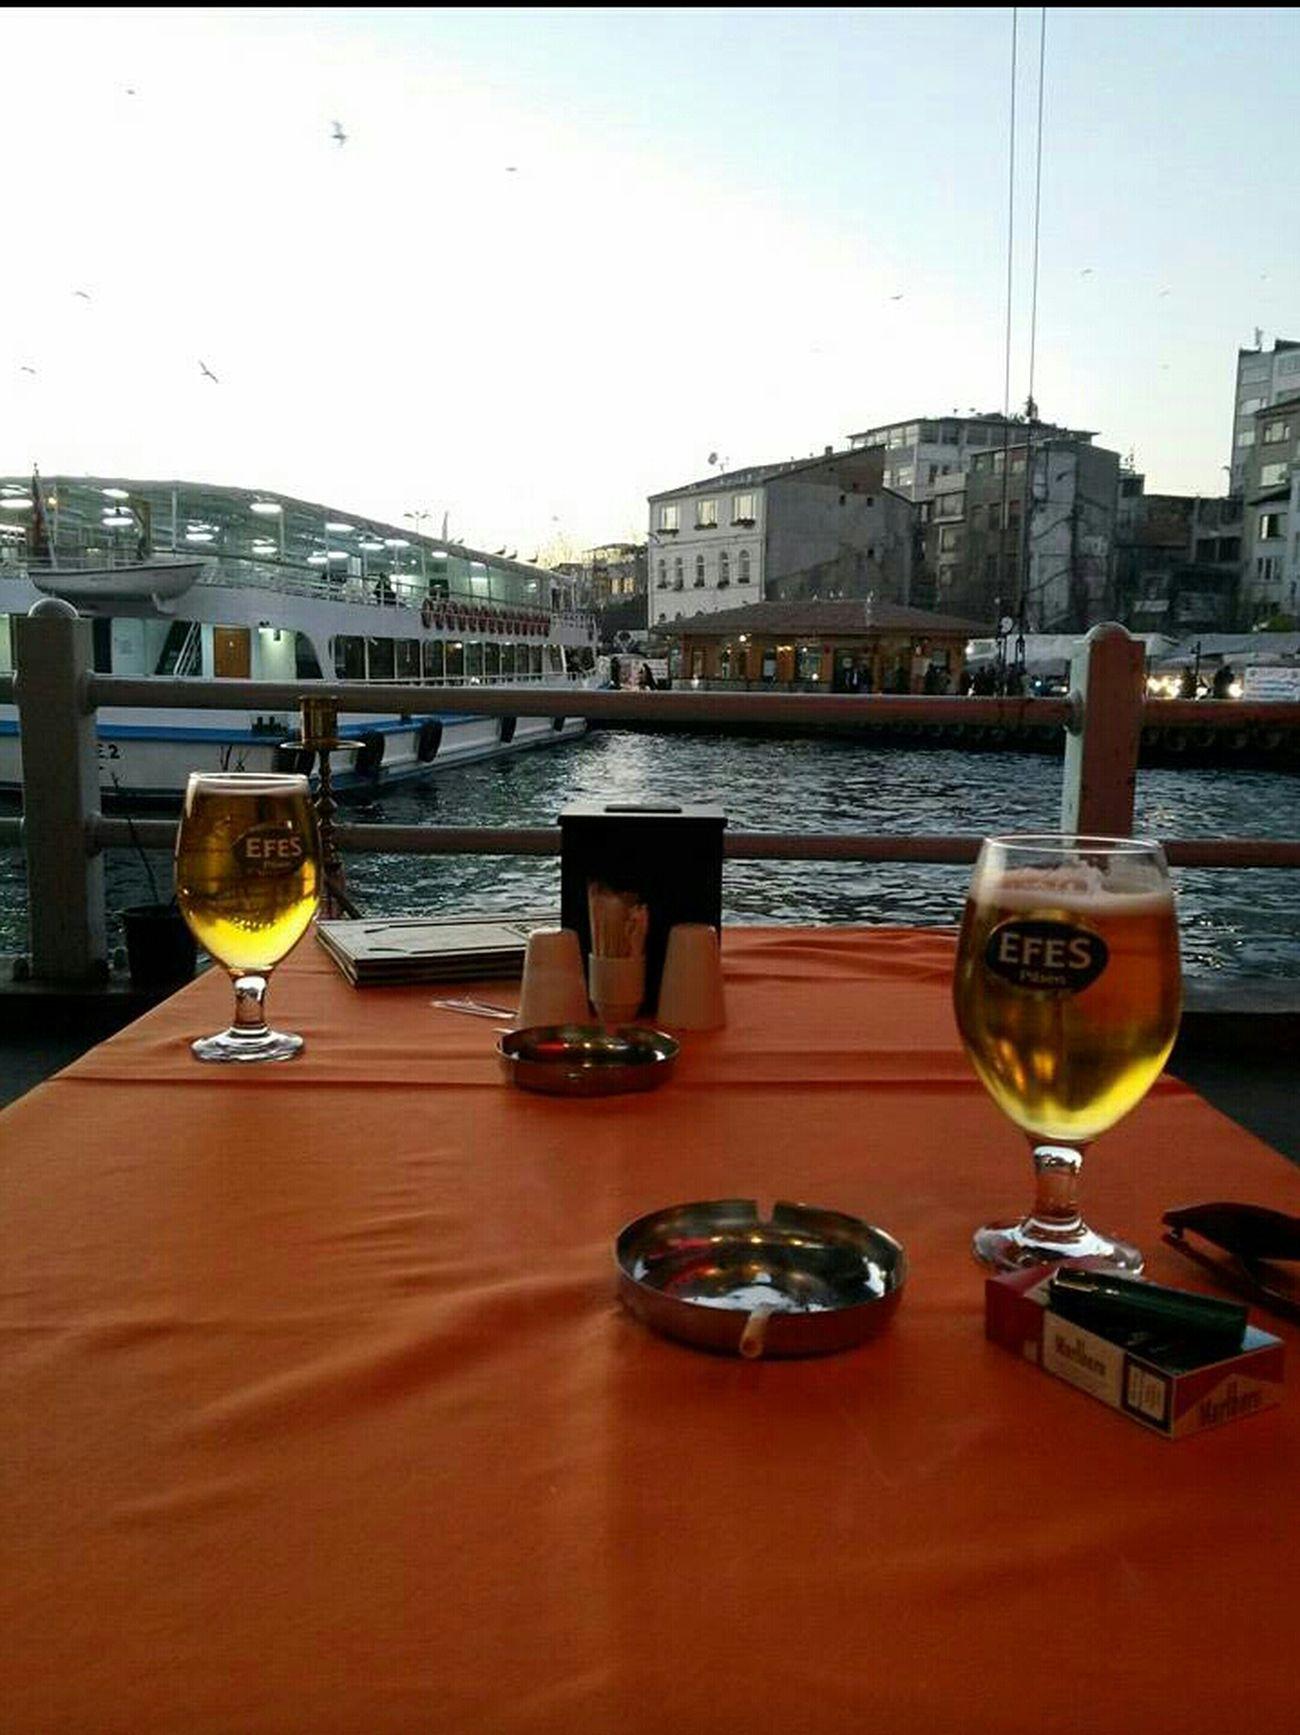 Drinks Efes Pilsen Enjoying Life Taking Photos